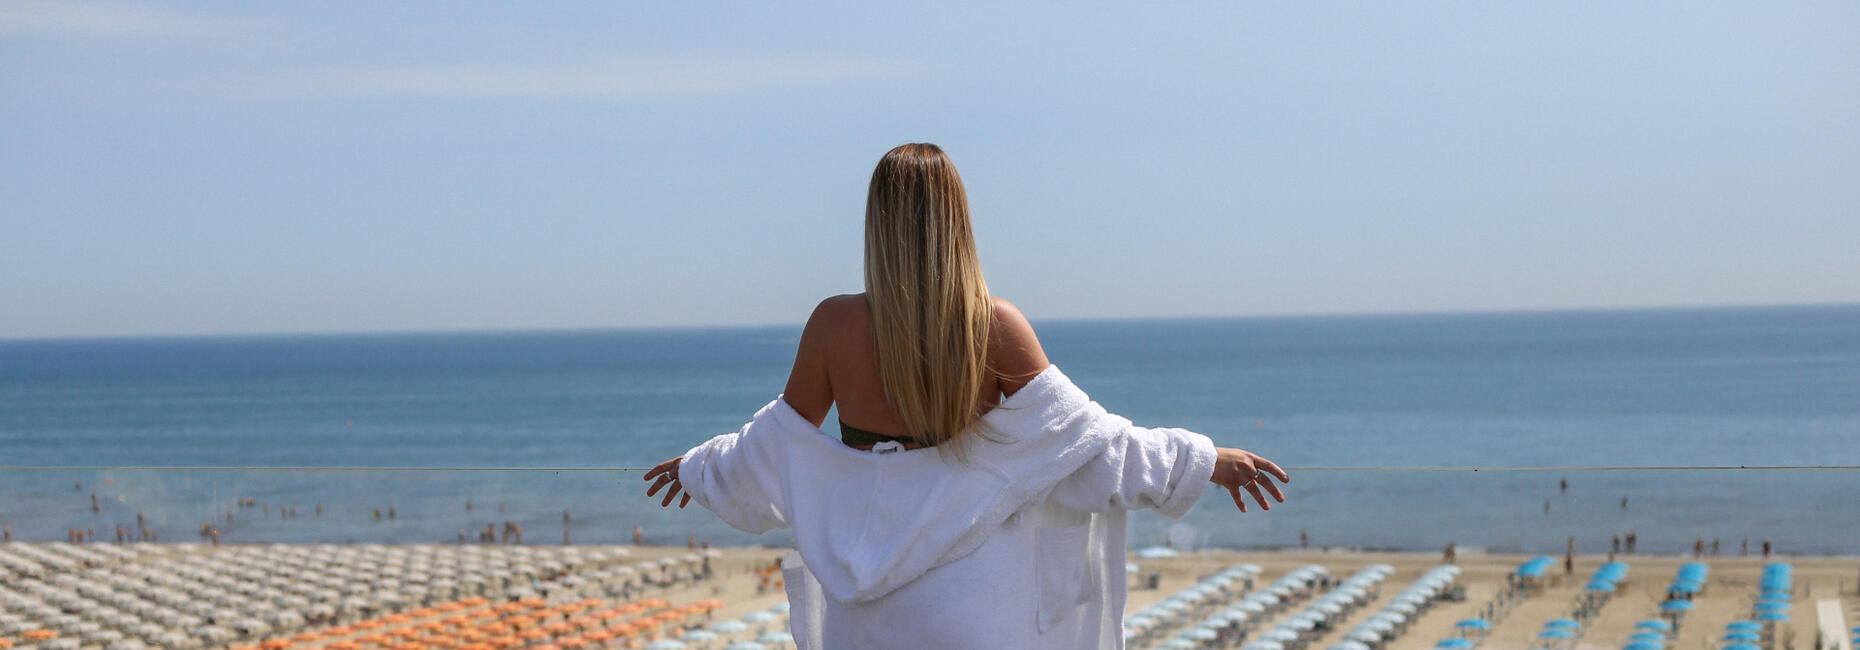 hotelcommodore it visita-saline-di-cervia-e-soggiorno-in-hotel 012